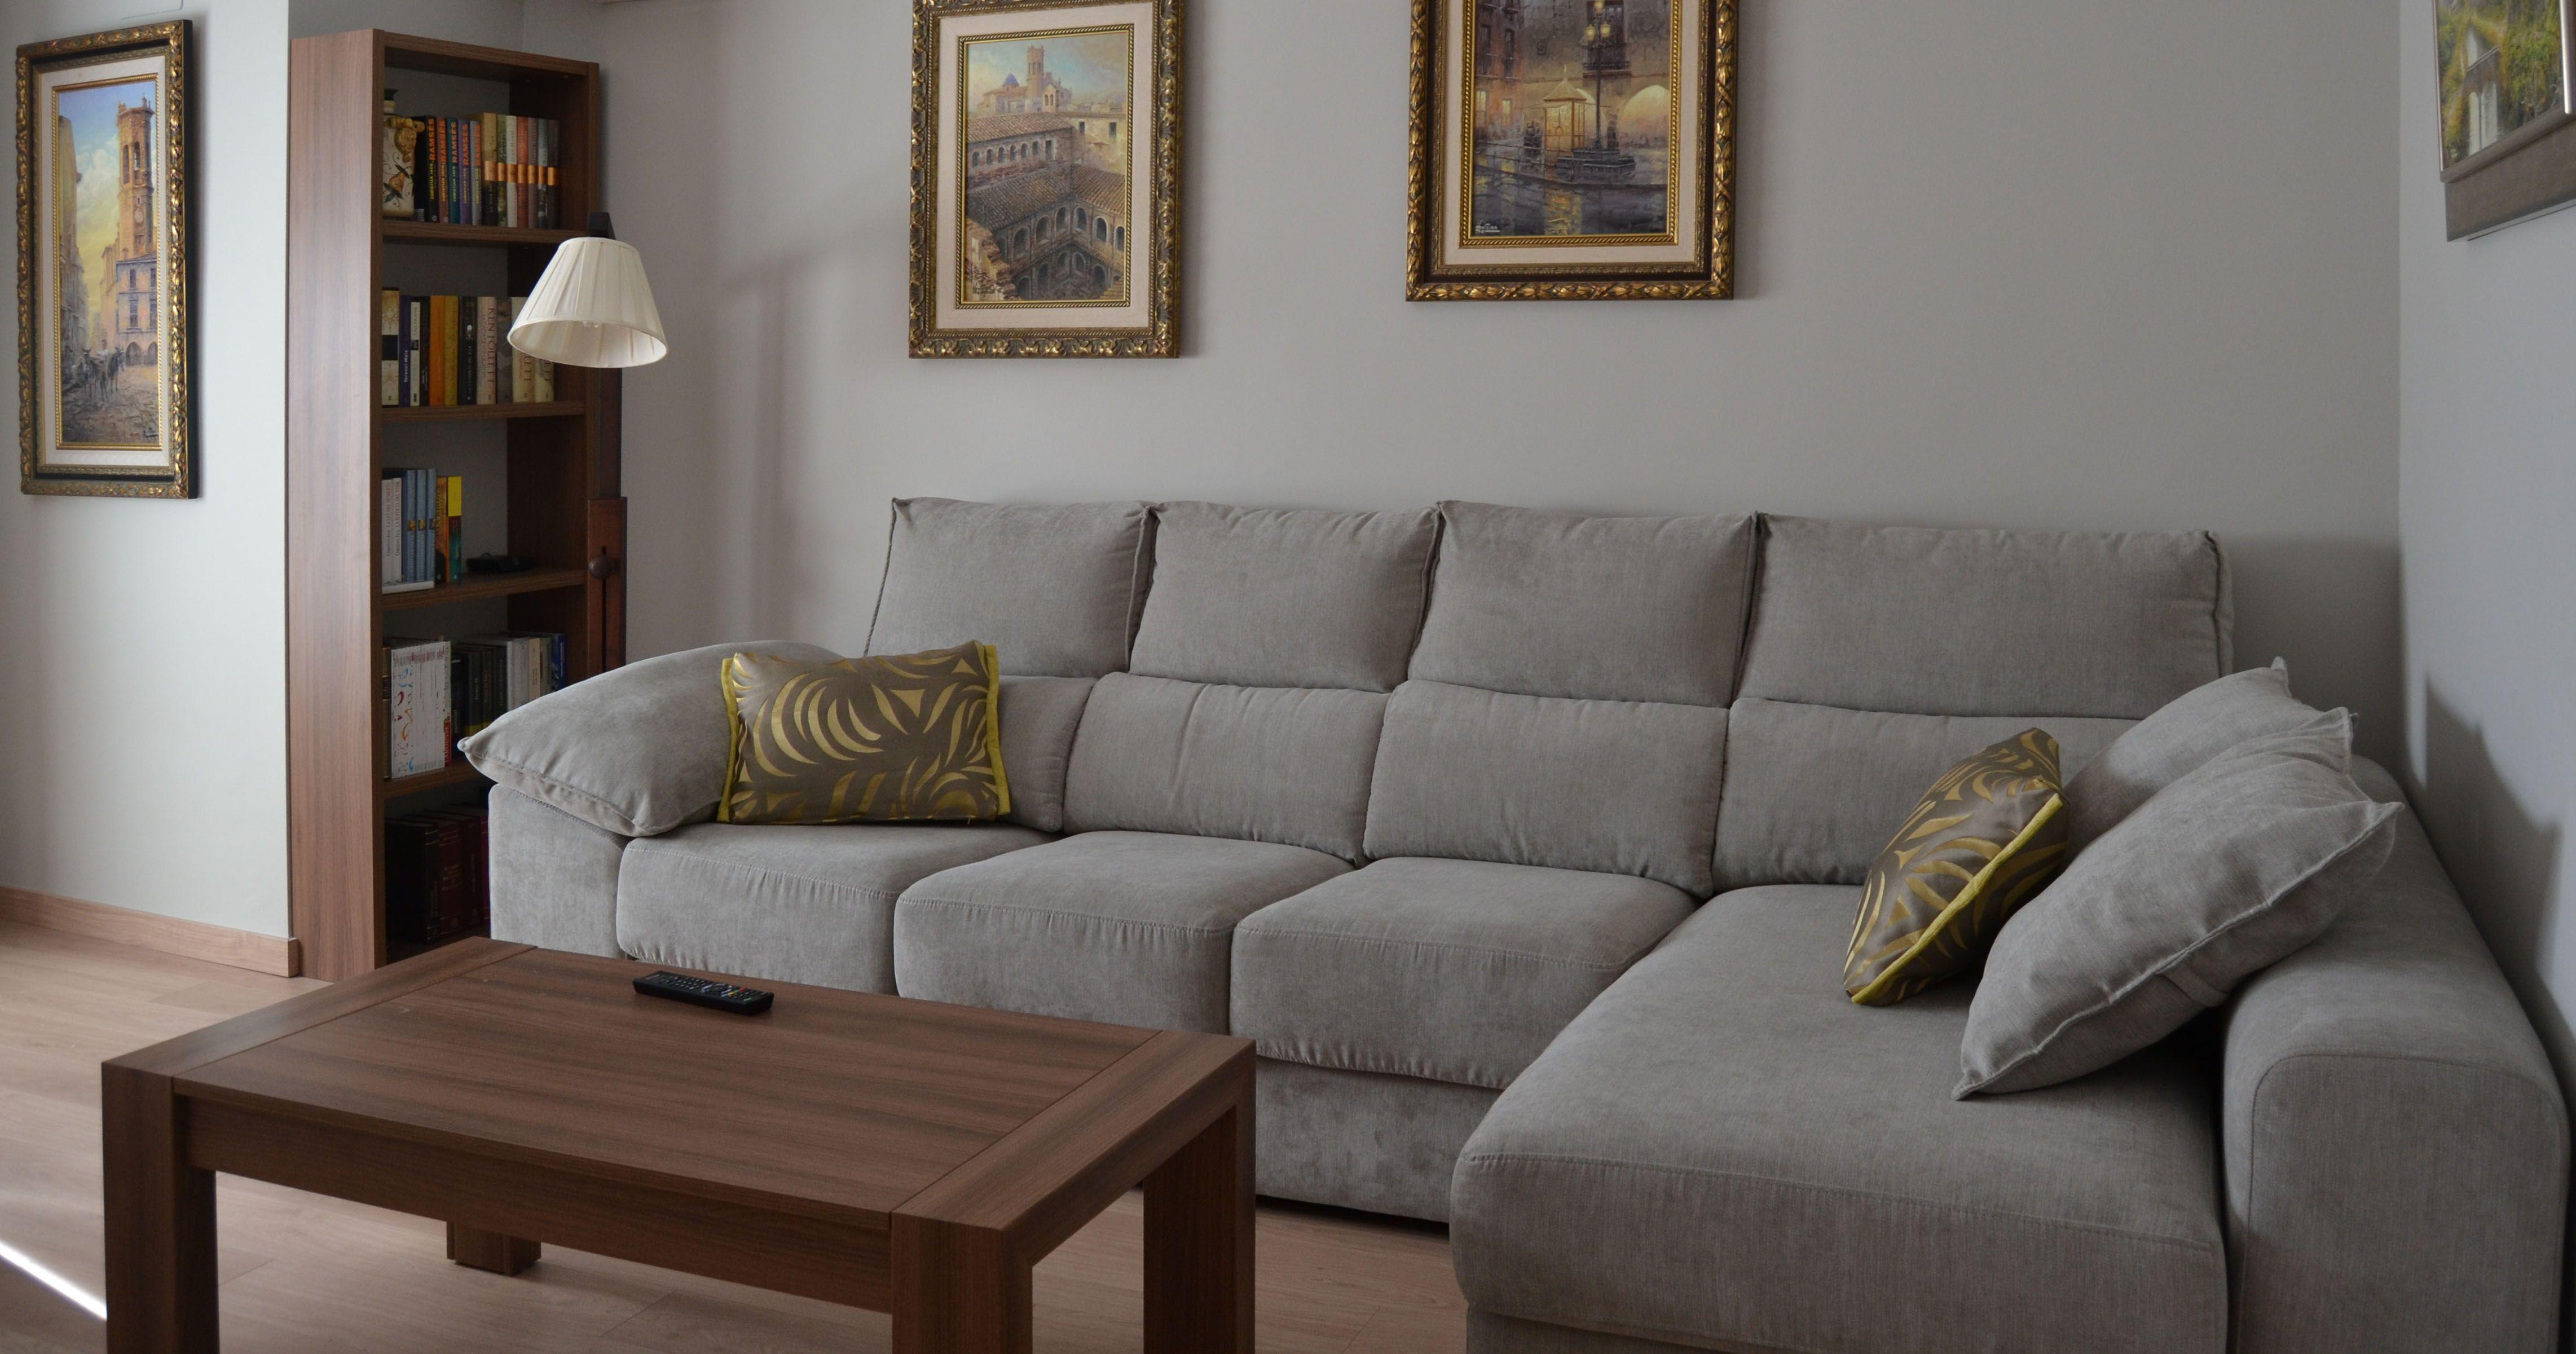 Sof gris con cojines en tonos amarillos villalba - Salon sofa gris ...